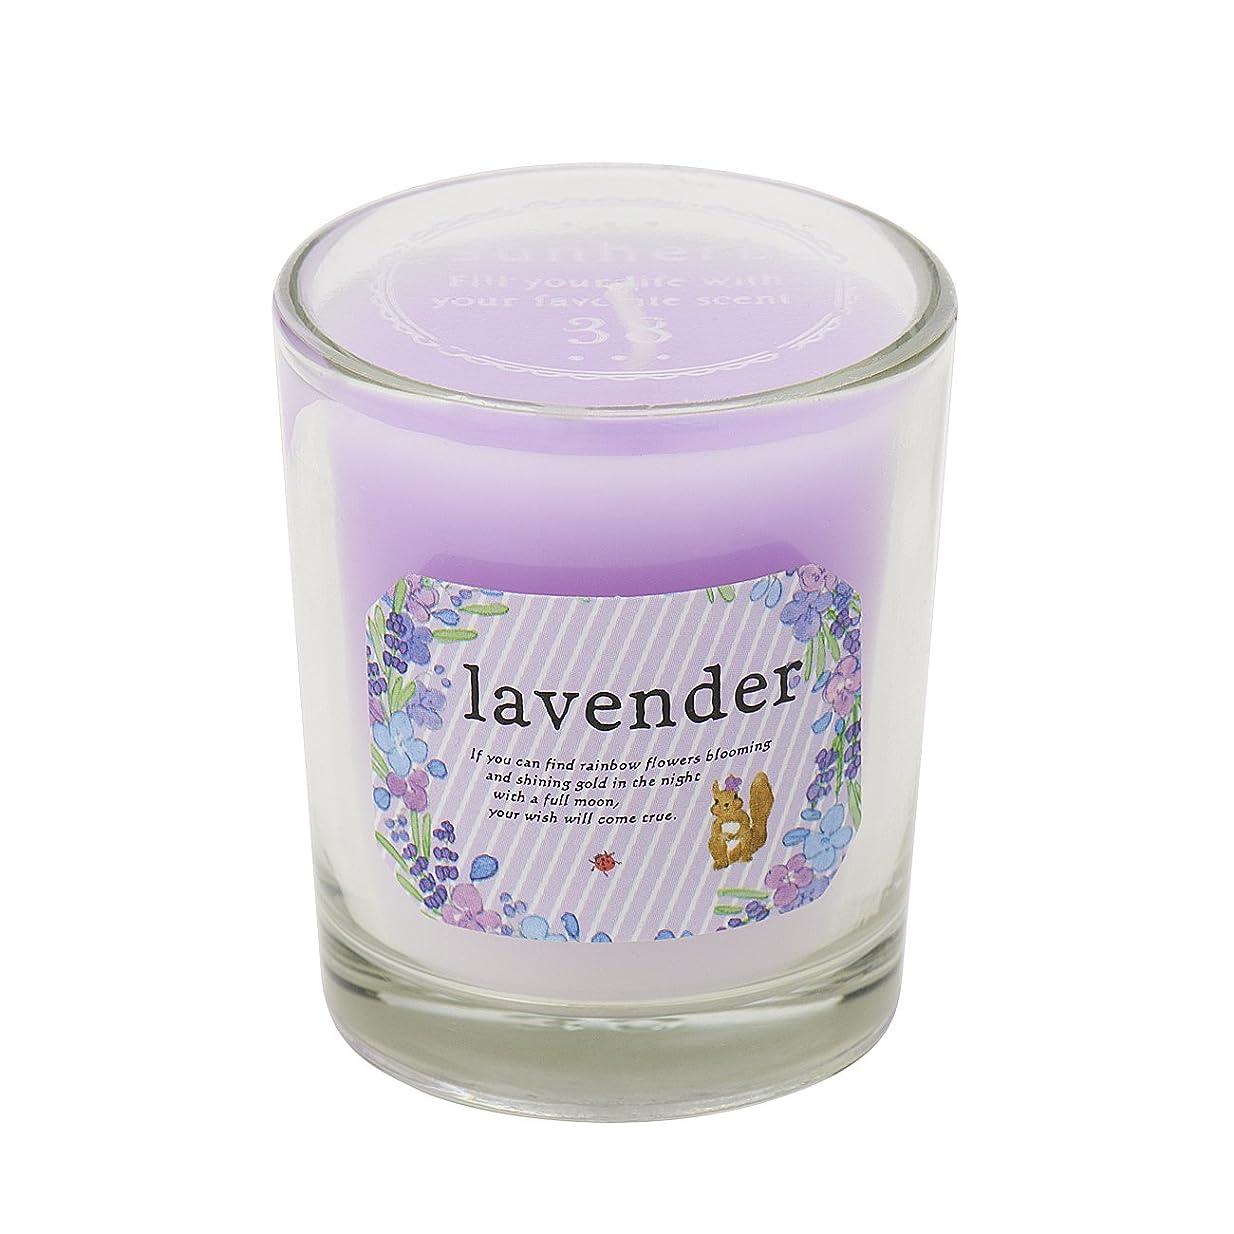 湿度めったにイタリアのサンハーブ グラスキャンドル ラベンダー 35g(グラデーションろうそく 燃焼時間約10時間 ふわっと爽やかなラベンダーの香り)